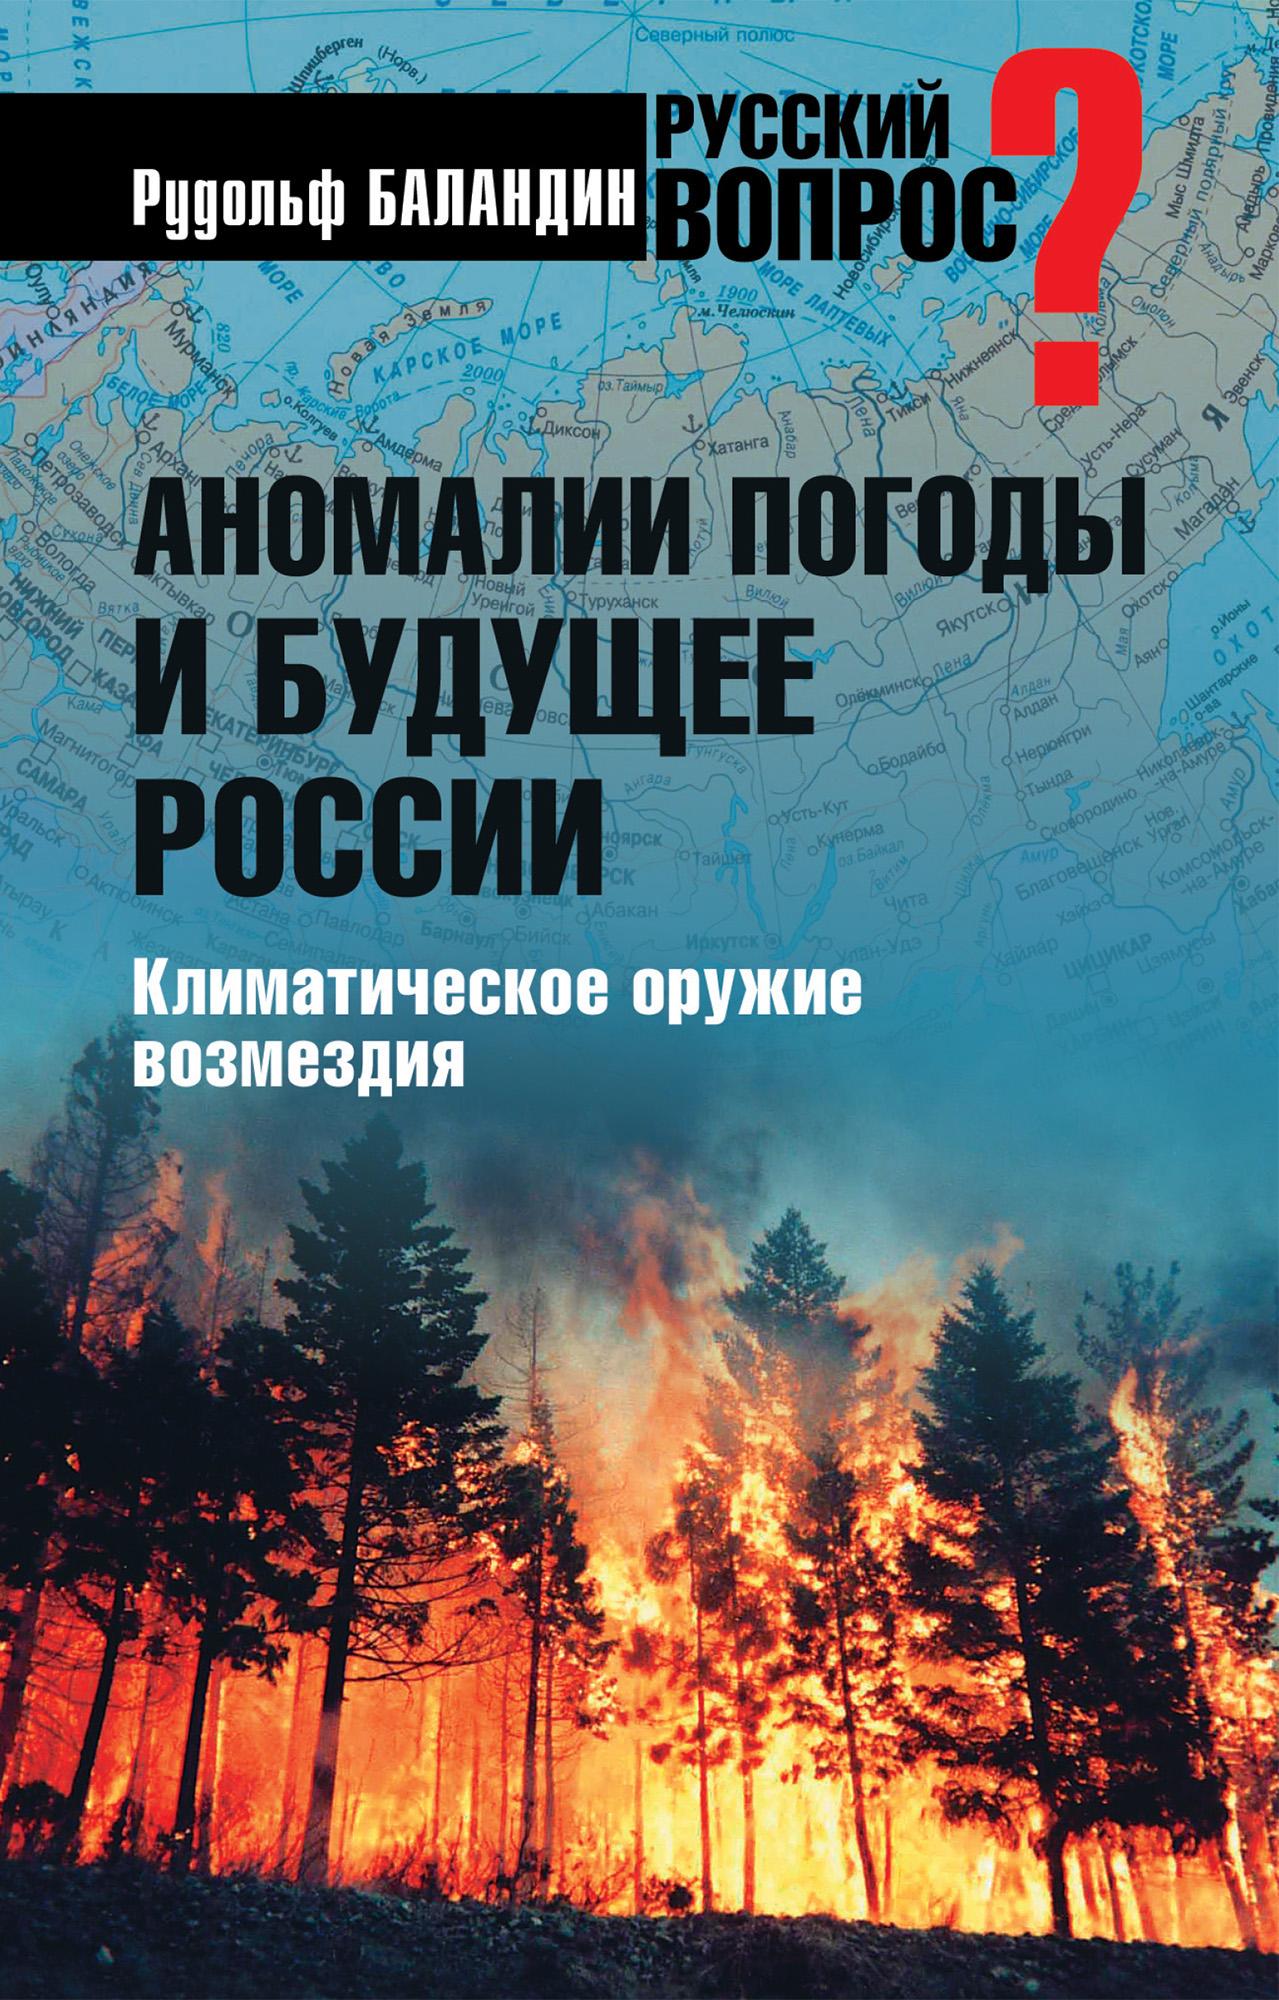 Фото - Рудольф Баландин Аномалии погоды и будущее России. Климатическое оружие возмездия климатическое оборудование